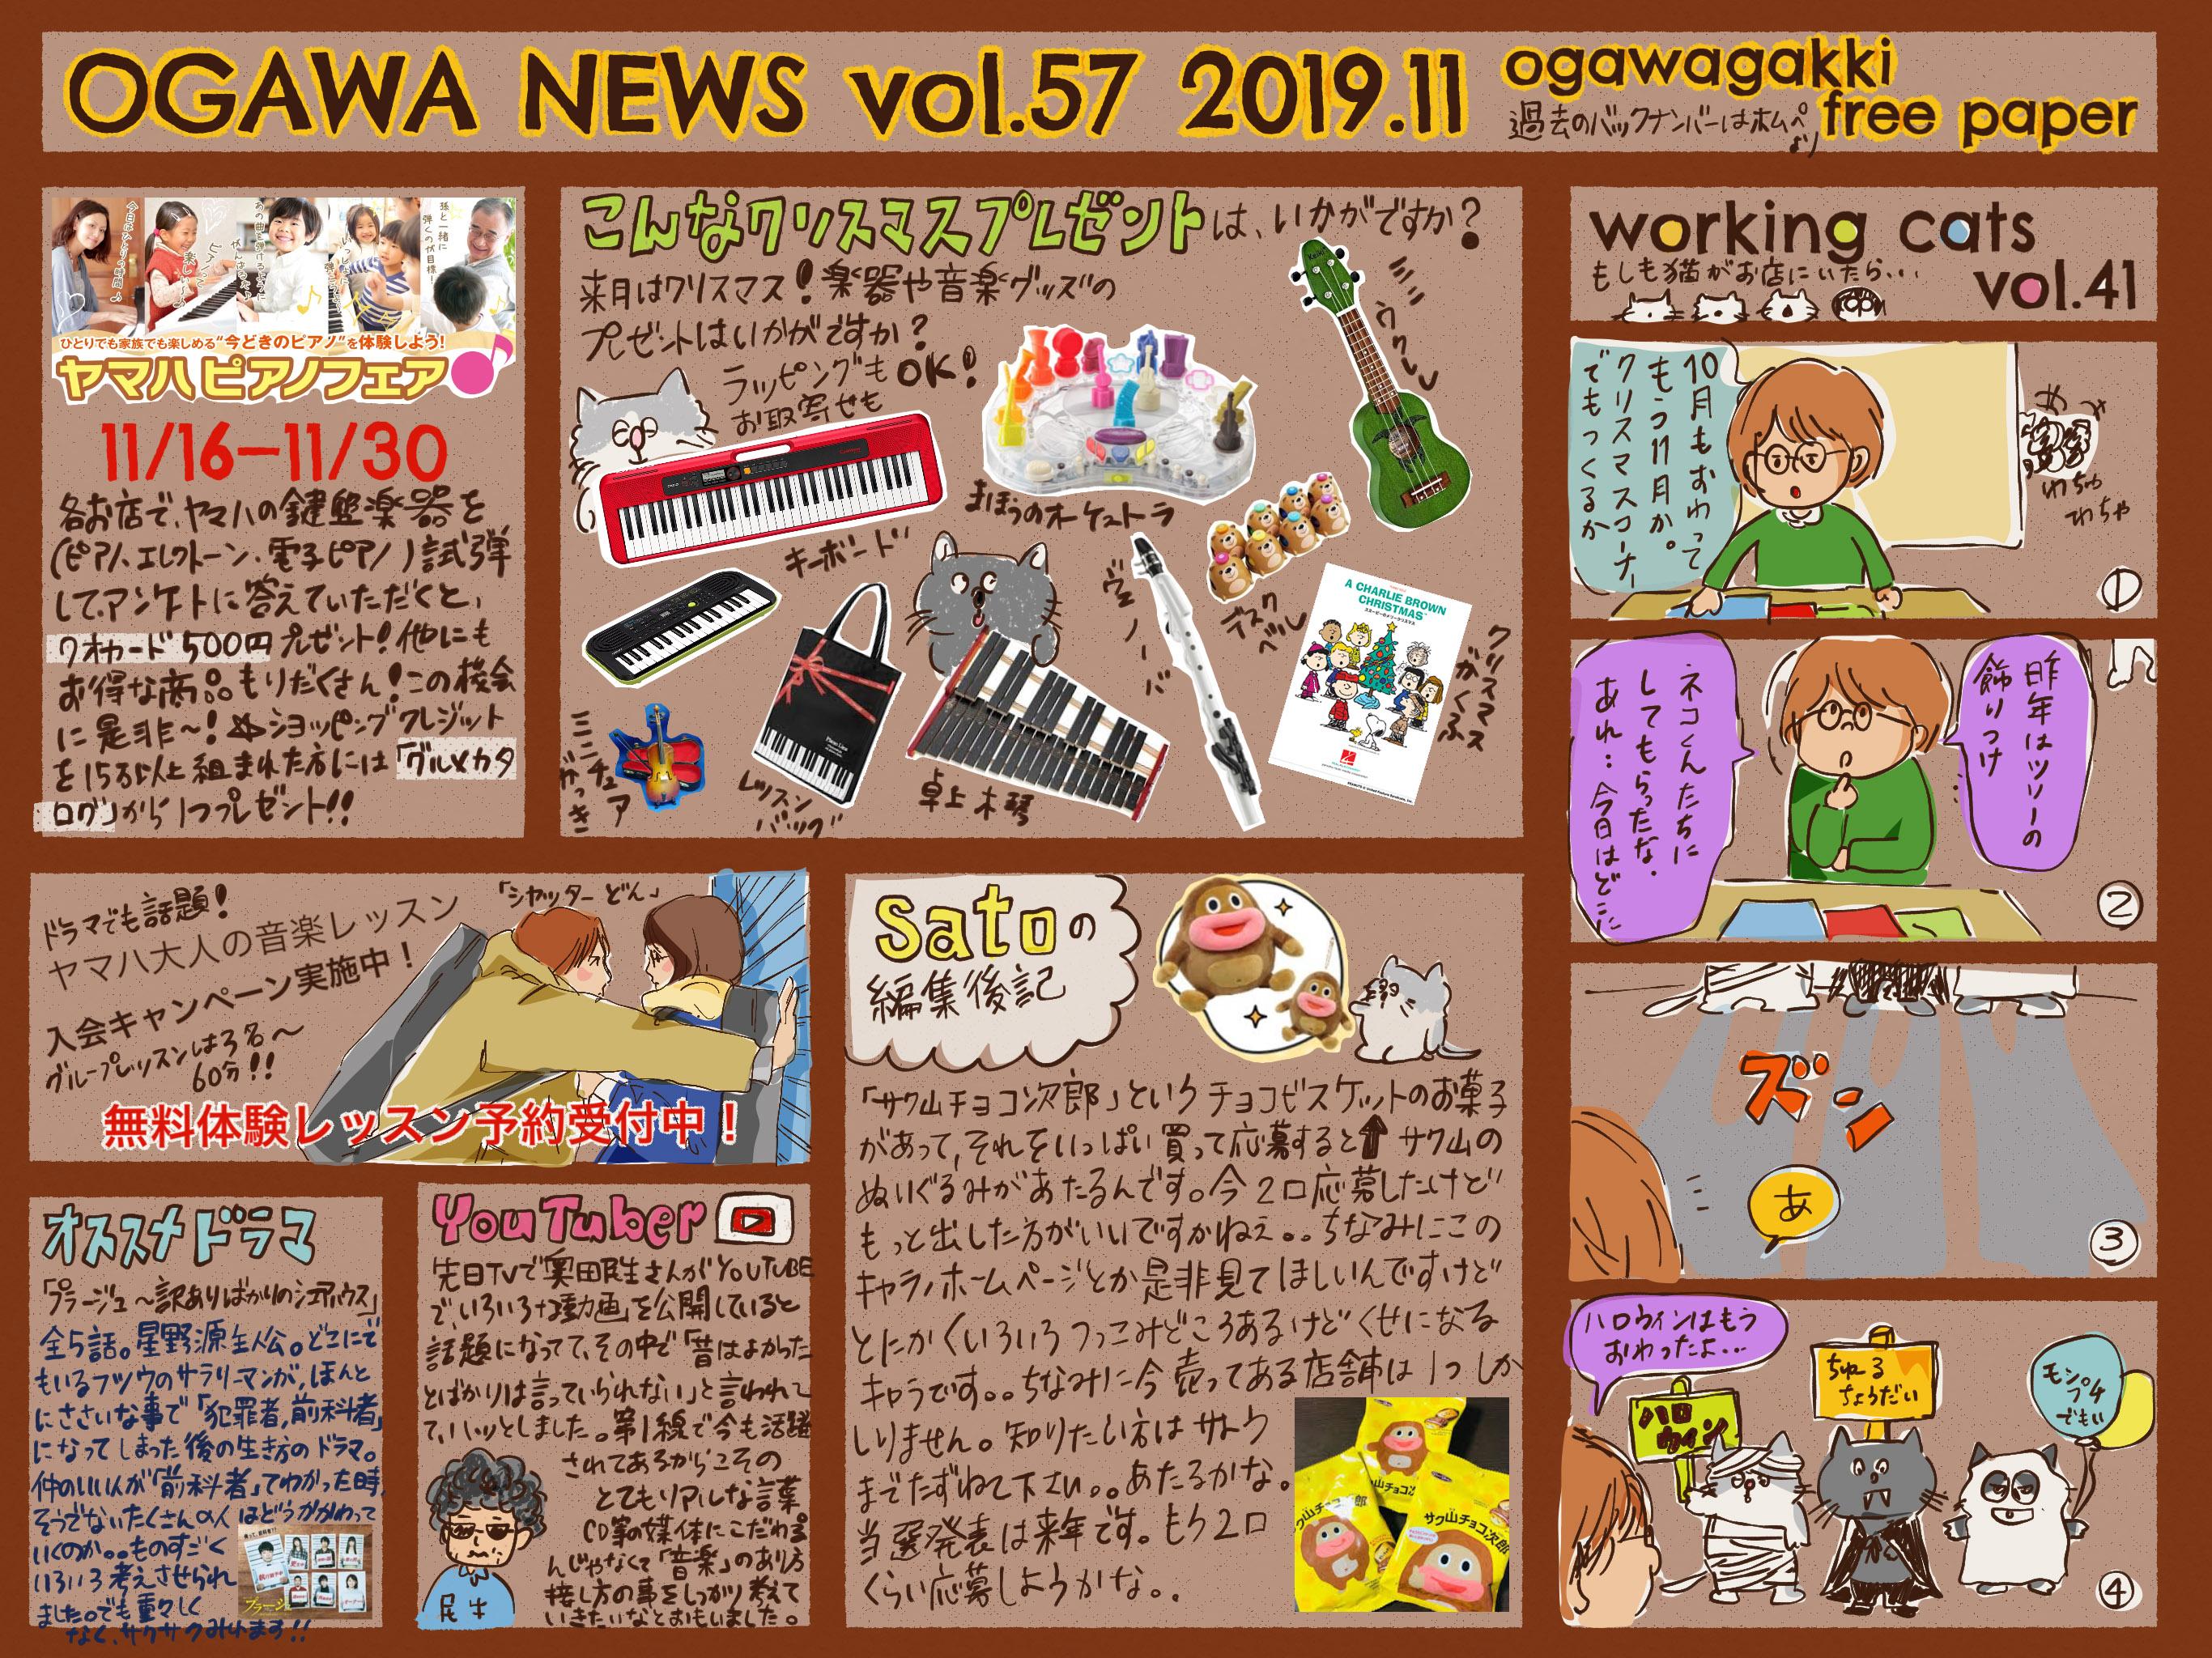 【柳川・佐賀店フリーペーパー】vol.57 2019年11月号